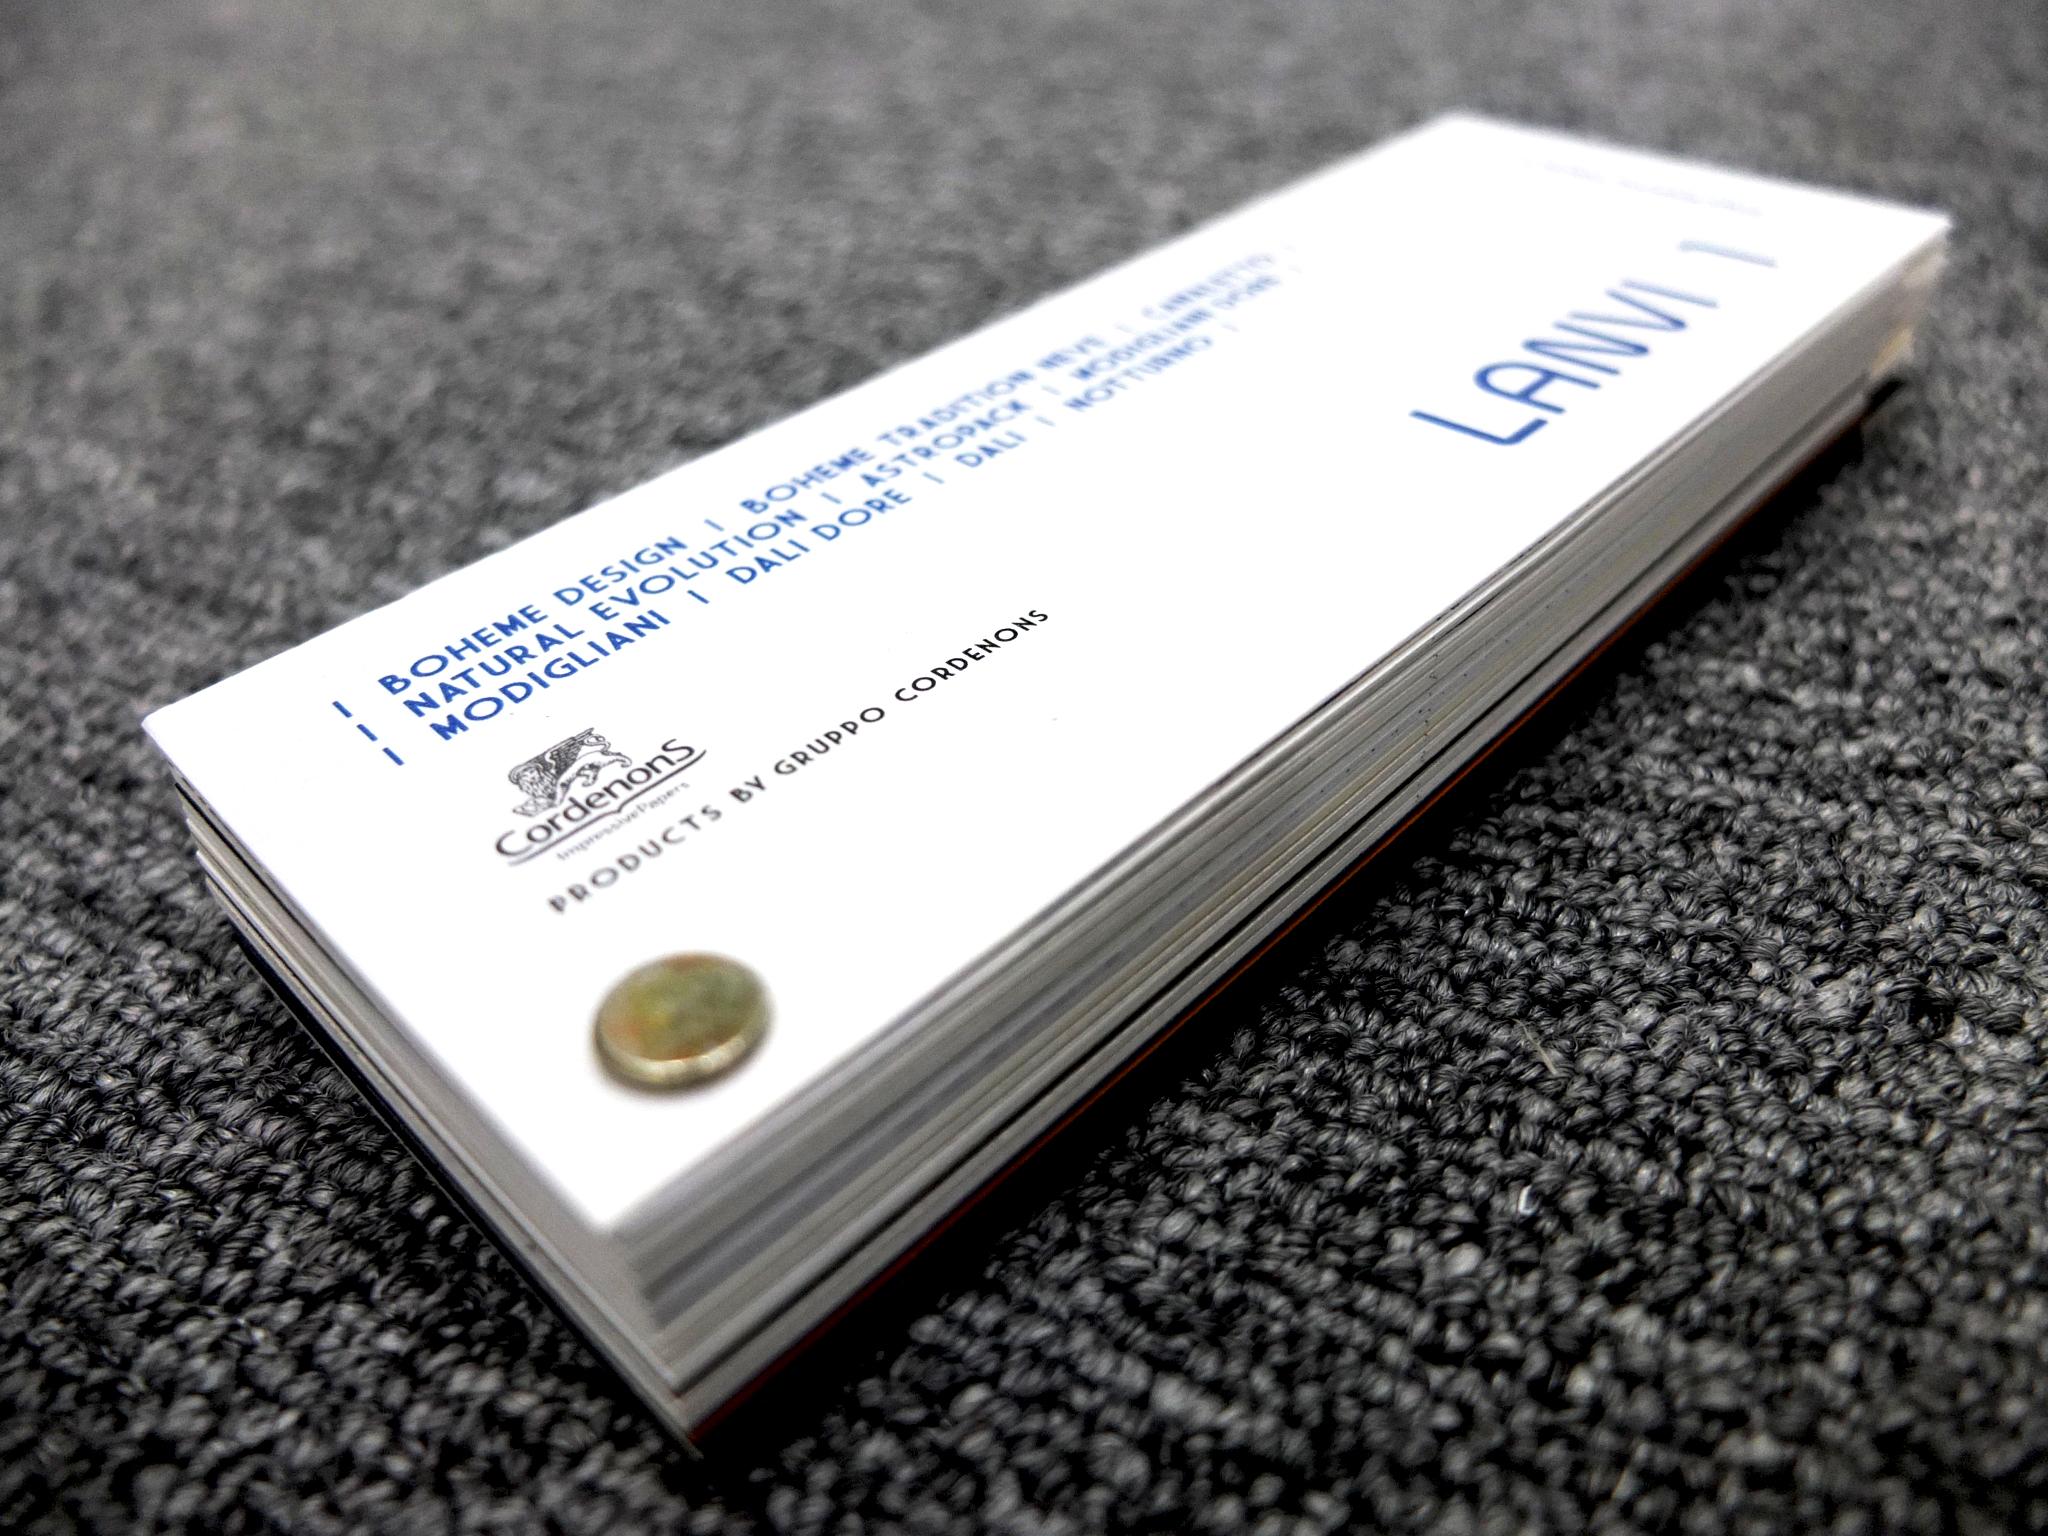 Giấy Lan Vi | Giấy Lan Vi ra mắt bộ mẫu giấy phiên bản 2017